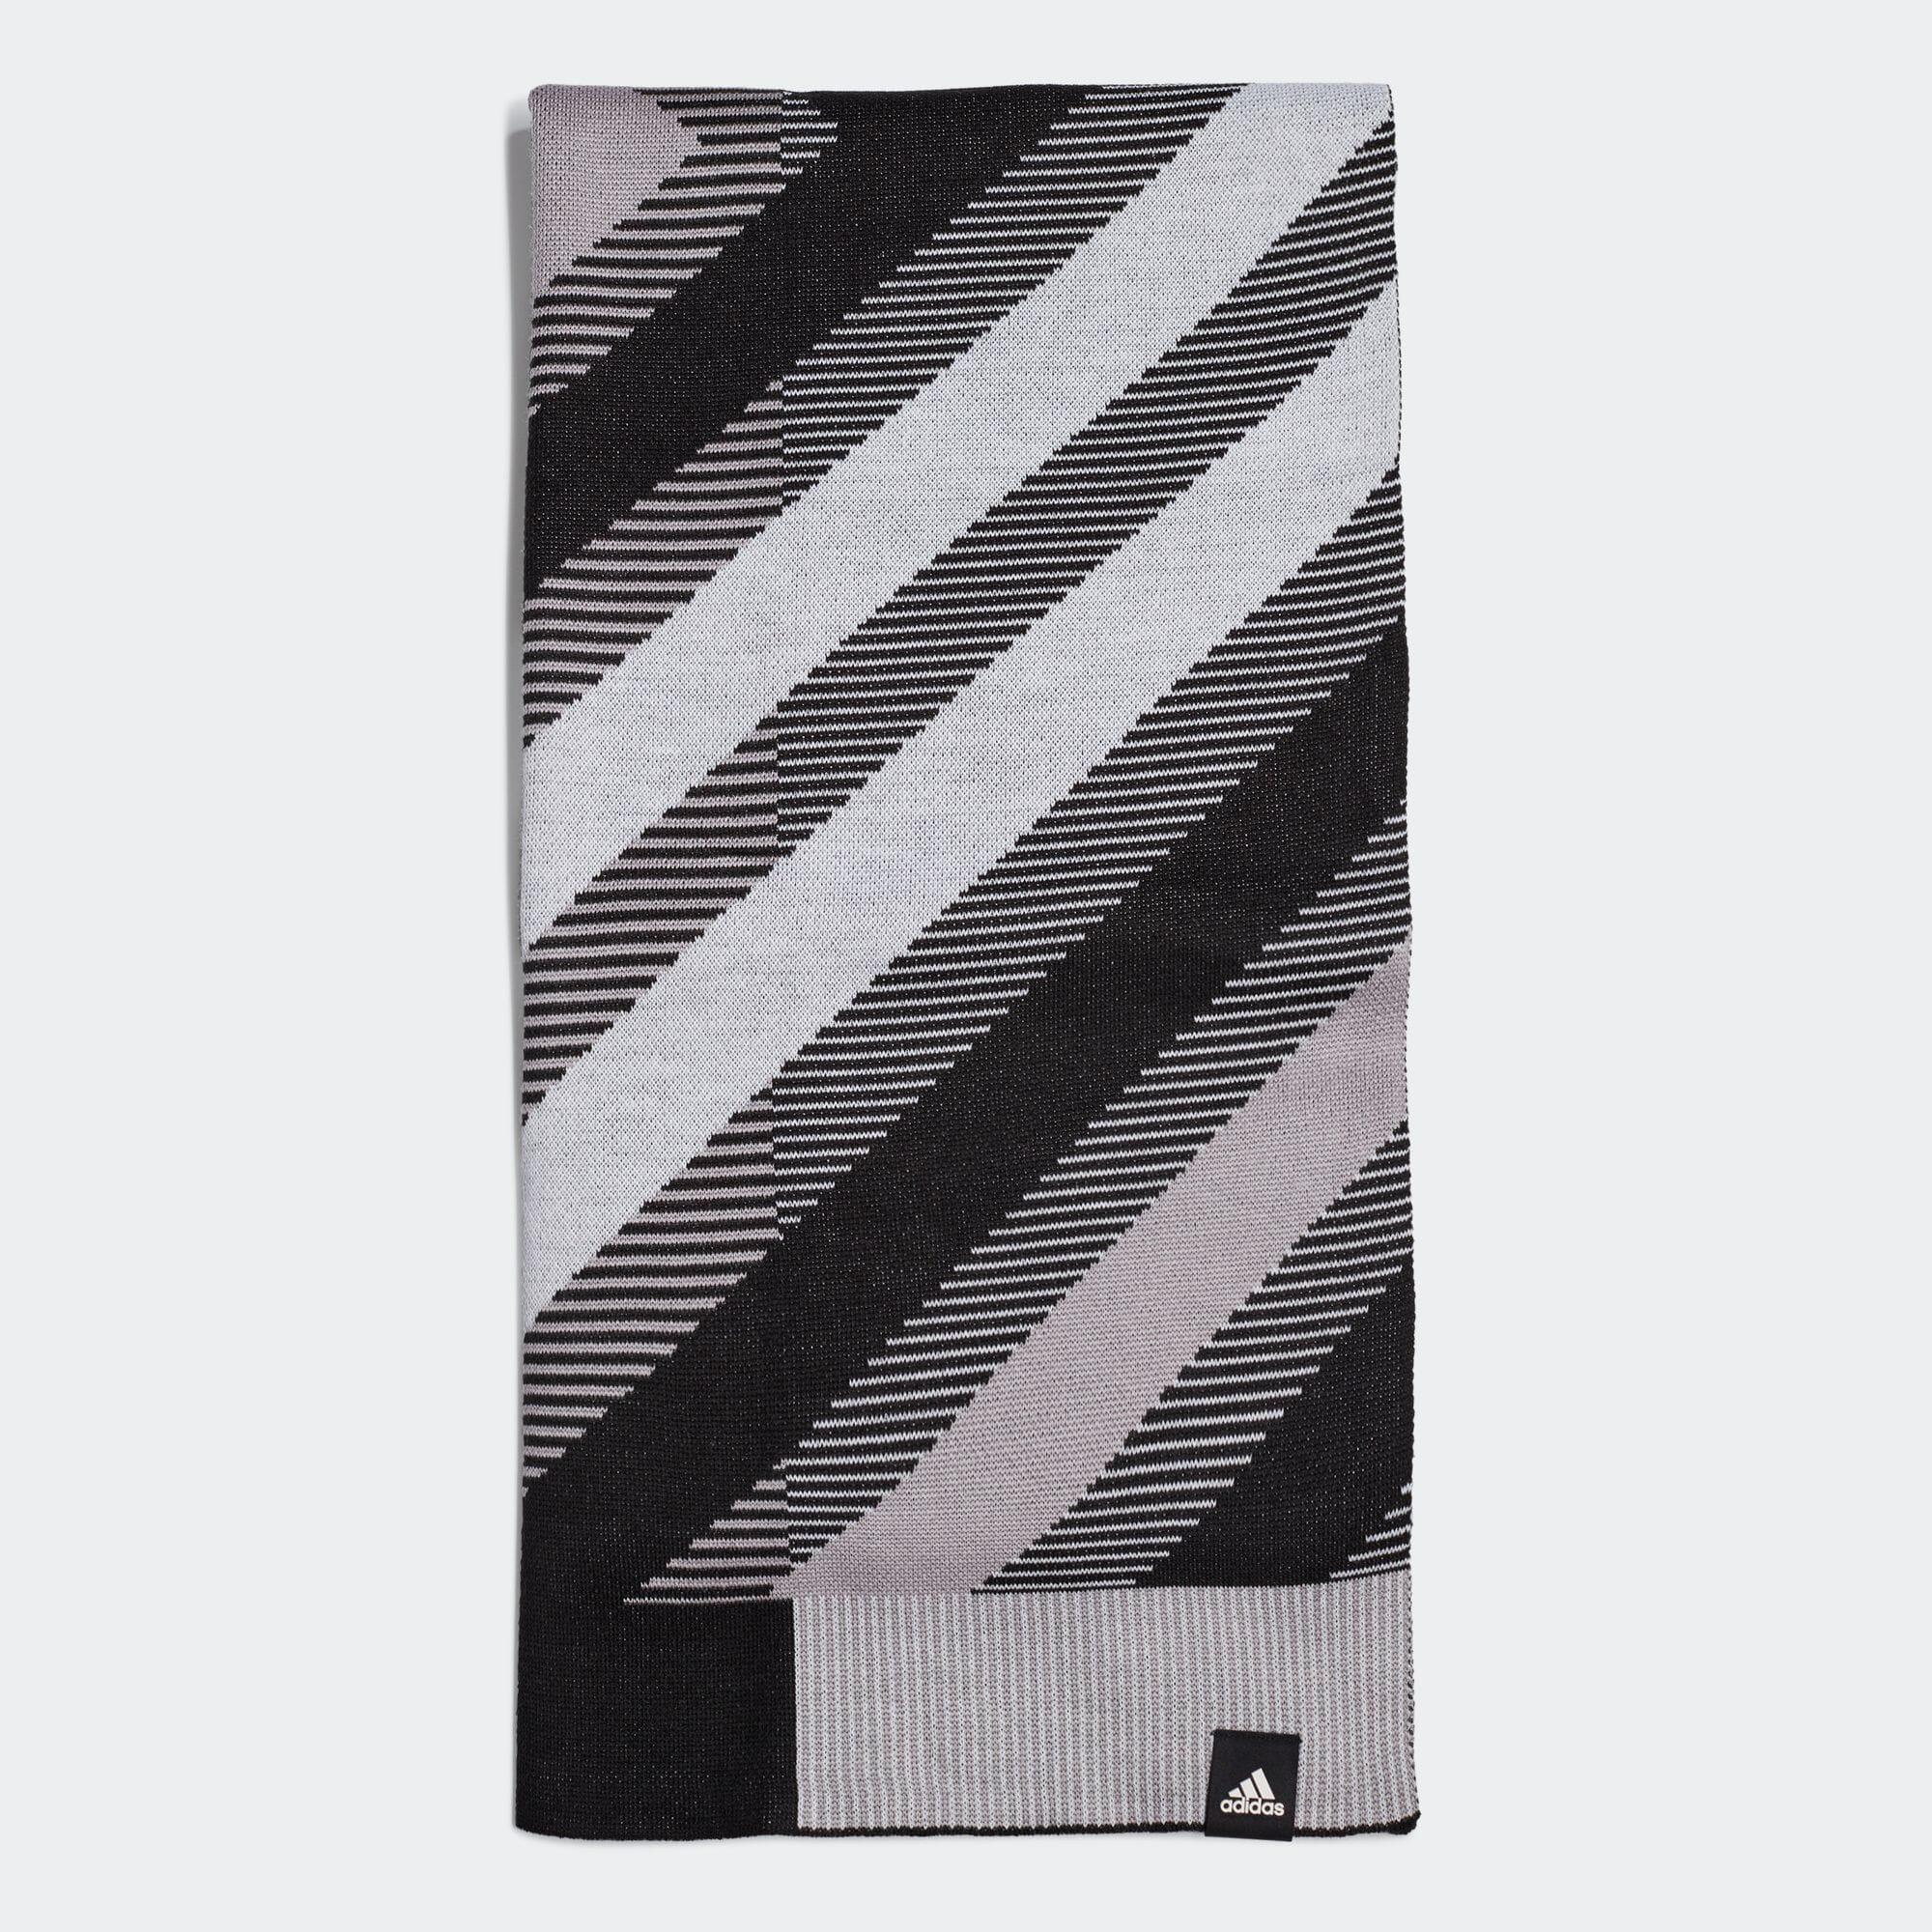 プライムスカーフ / Prime Scarf